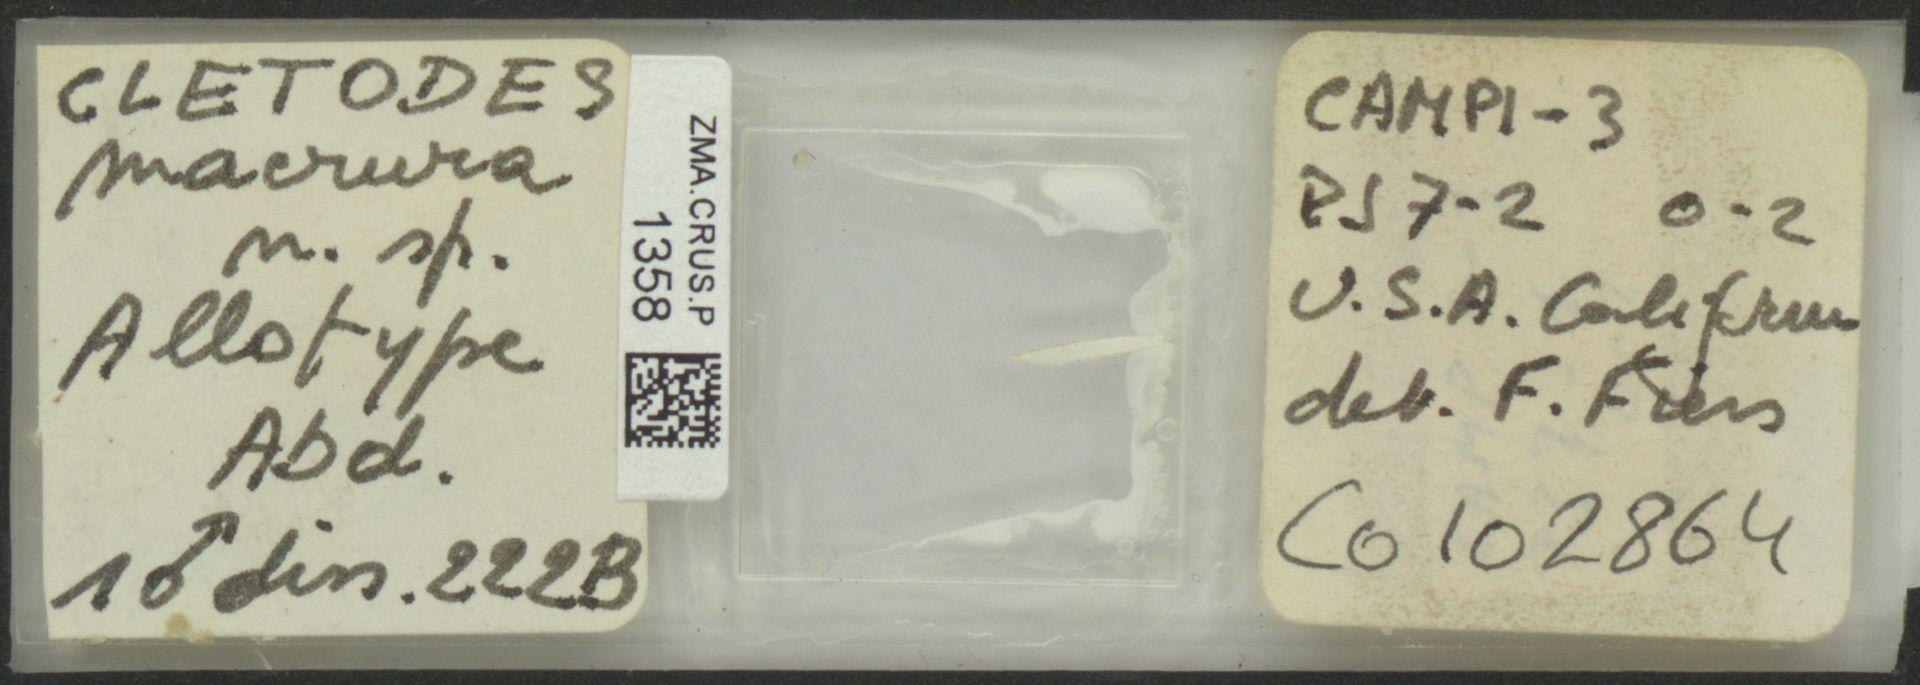 ZMA.CRUS.P.1358 | Cletodes macrura n. sp.